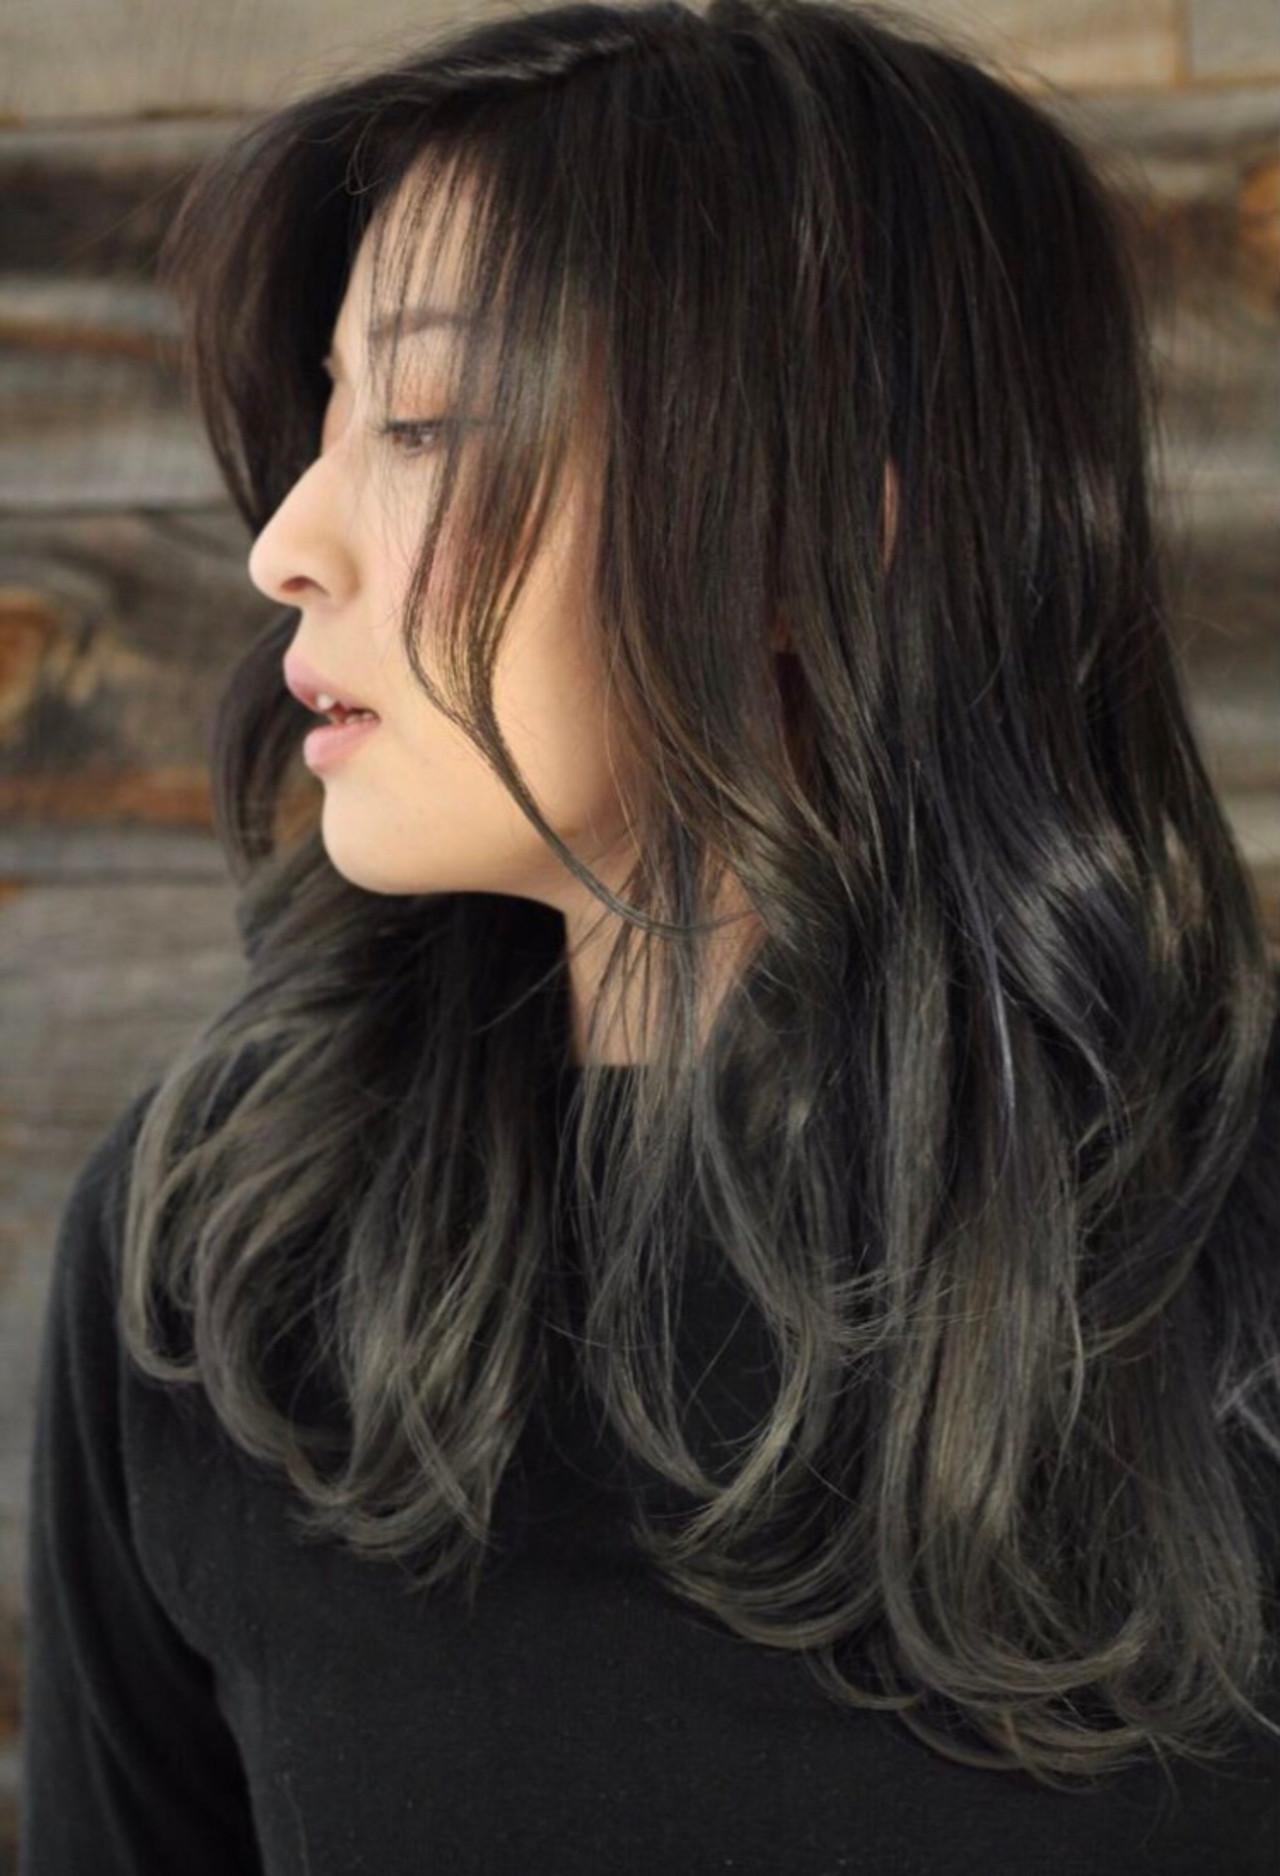 パーマ ロング 簡単ヘアアレンジ グレーアッシュ ヘアスタイルや髪型の写真・画像